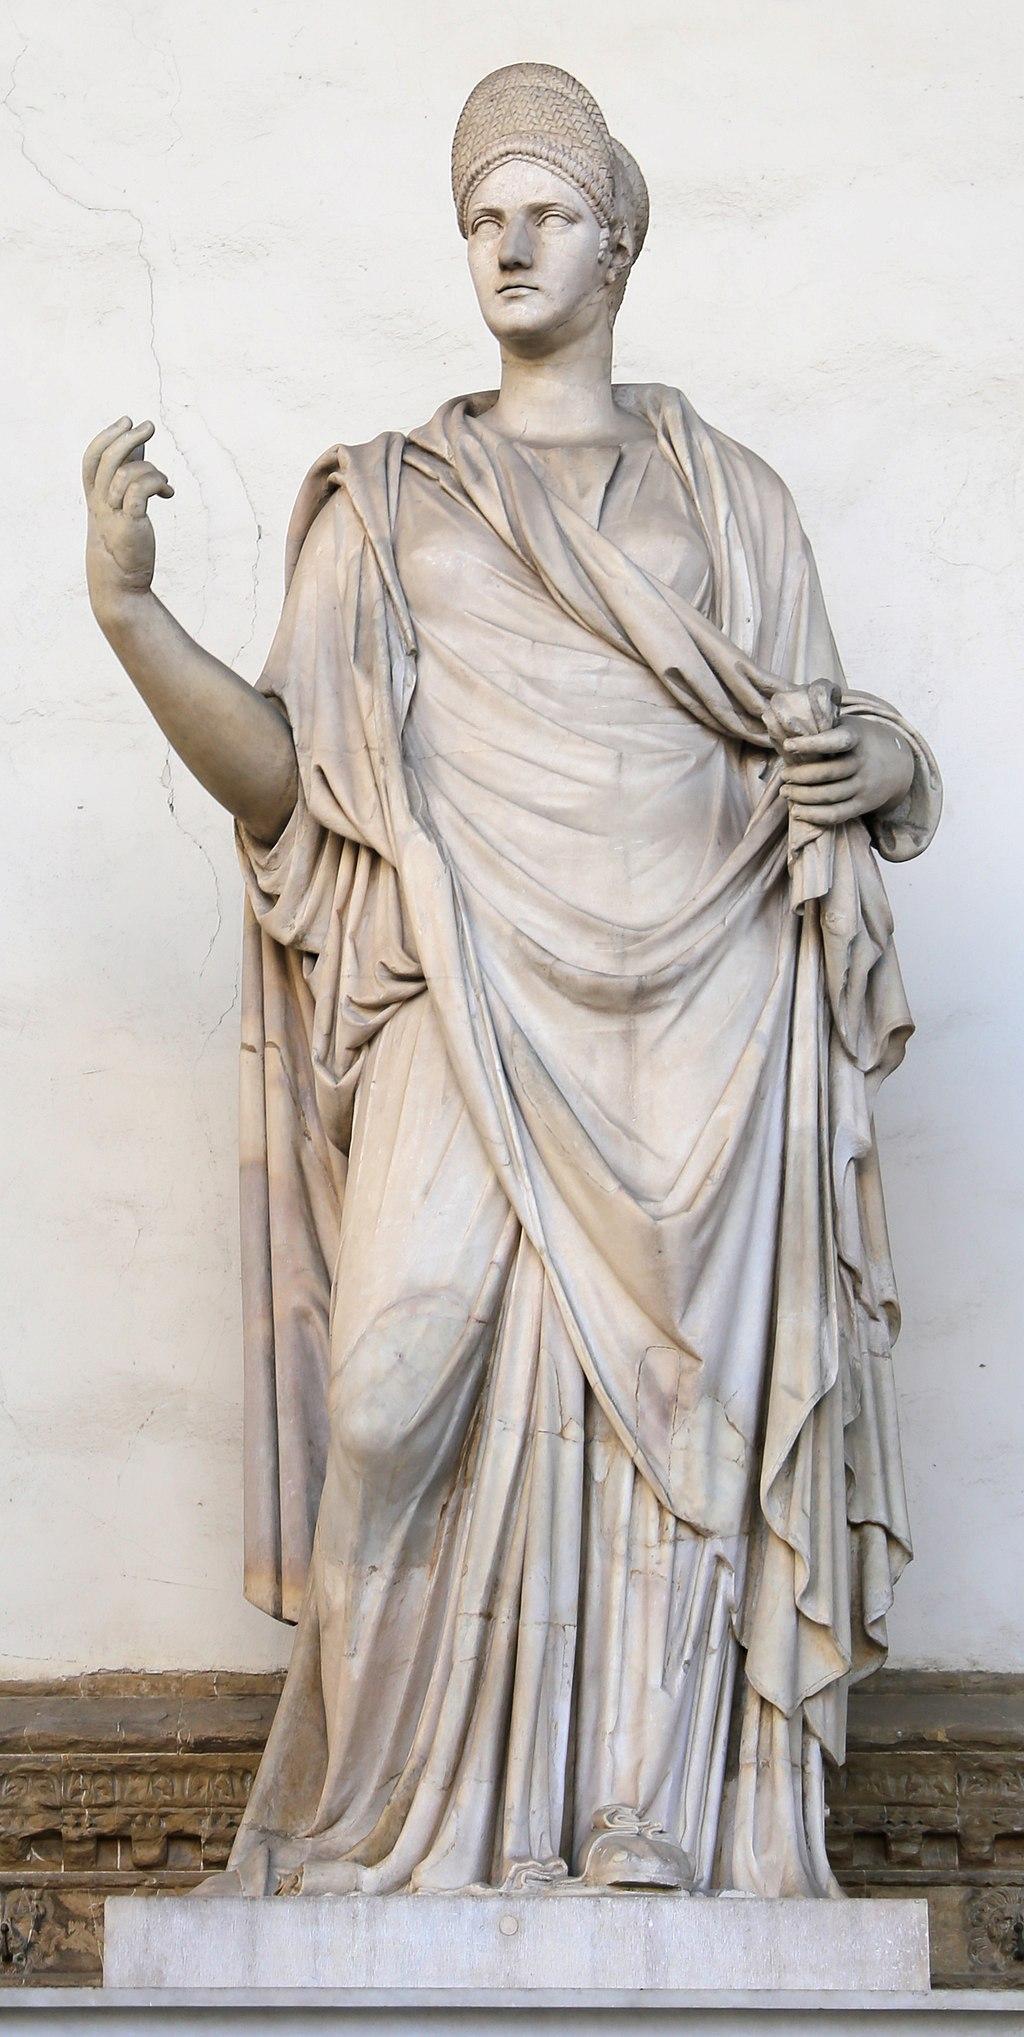 ASalonia Matidia (68 AD - 119 AD) daughter and only child of Ulpia Marciana and wealthy praetor Gaius Salonius Matidius Patruinus